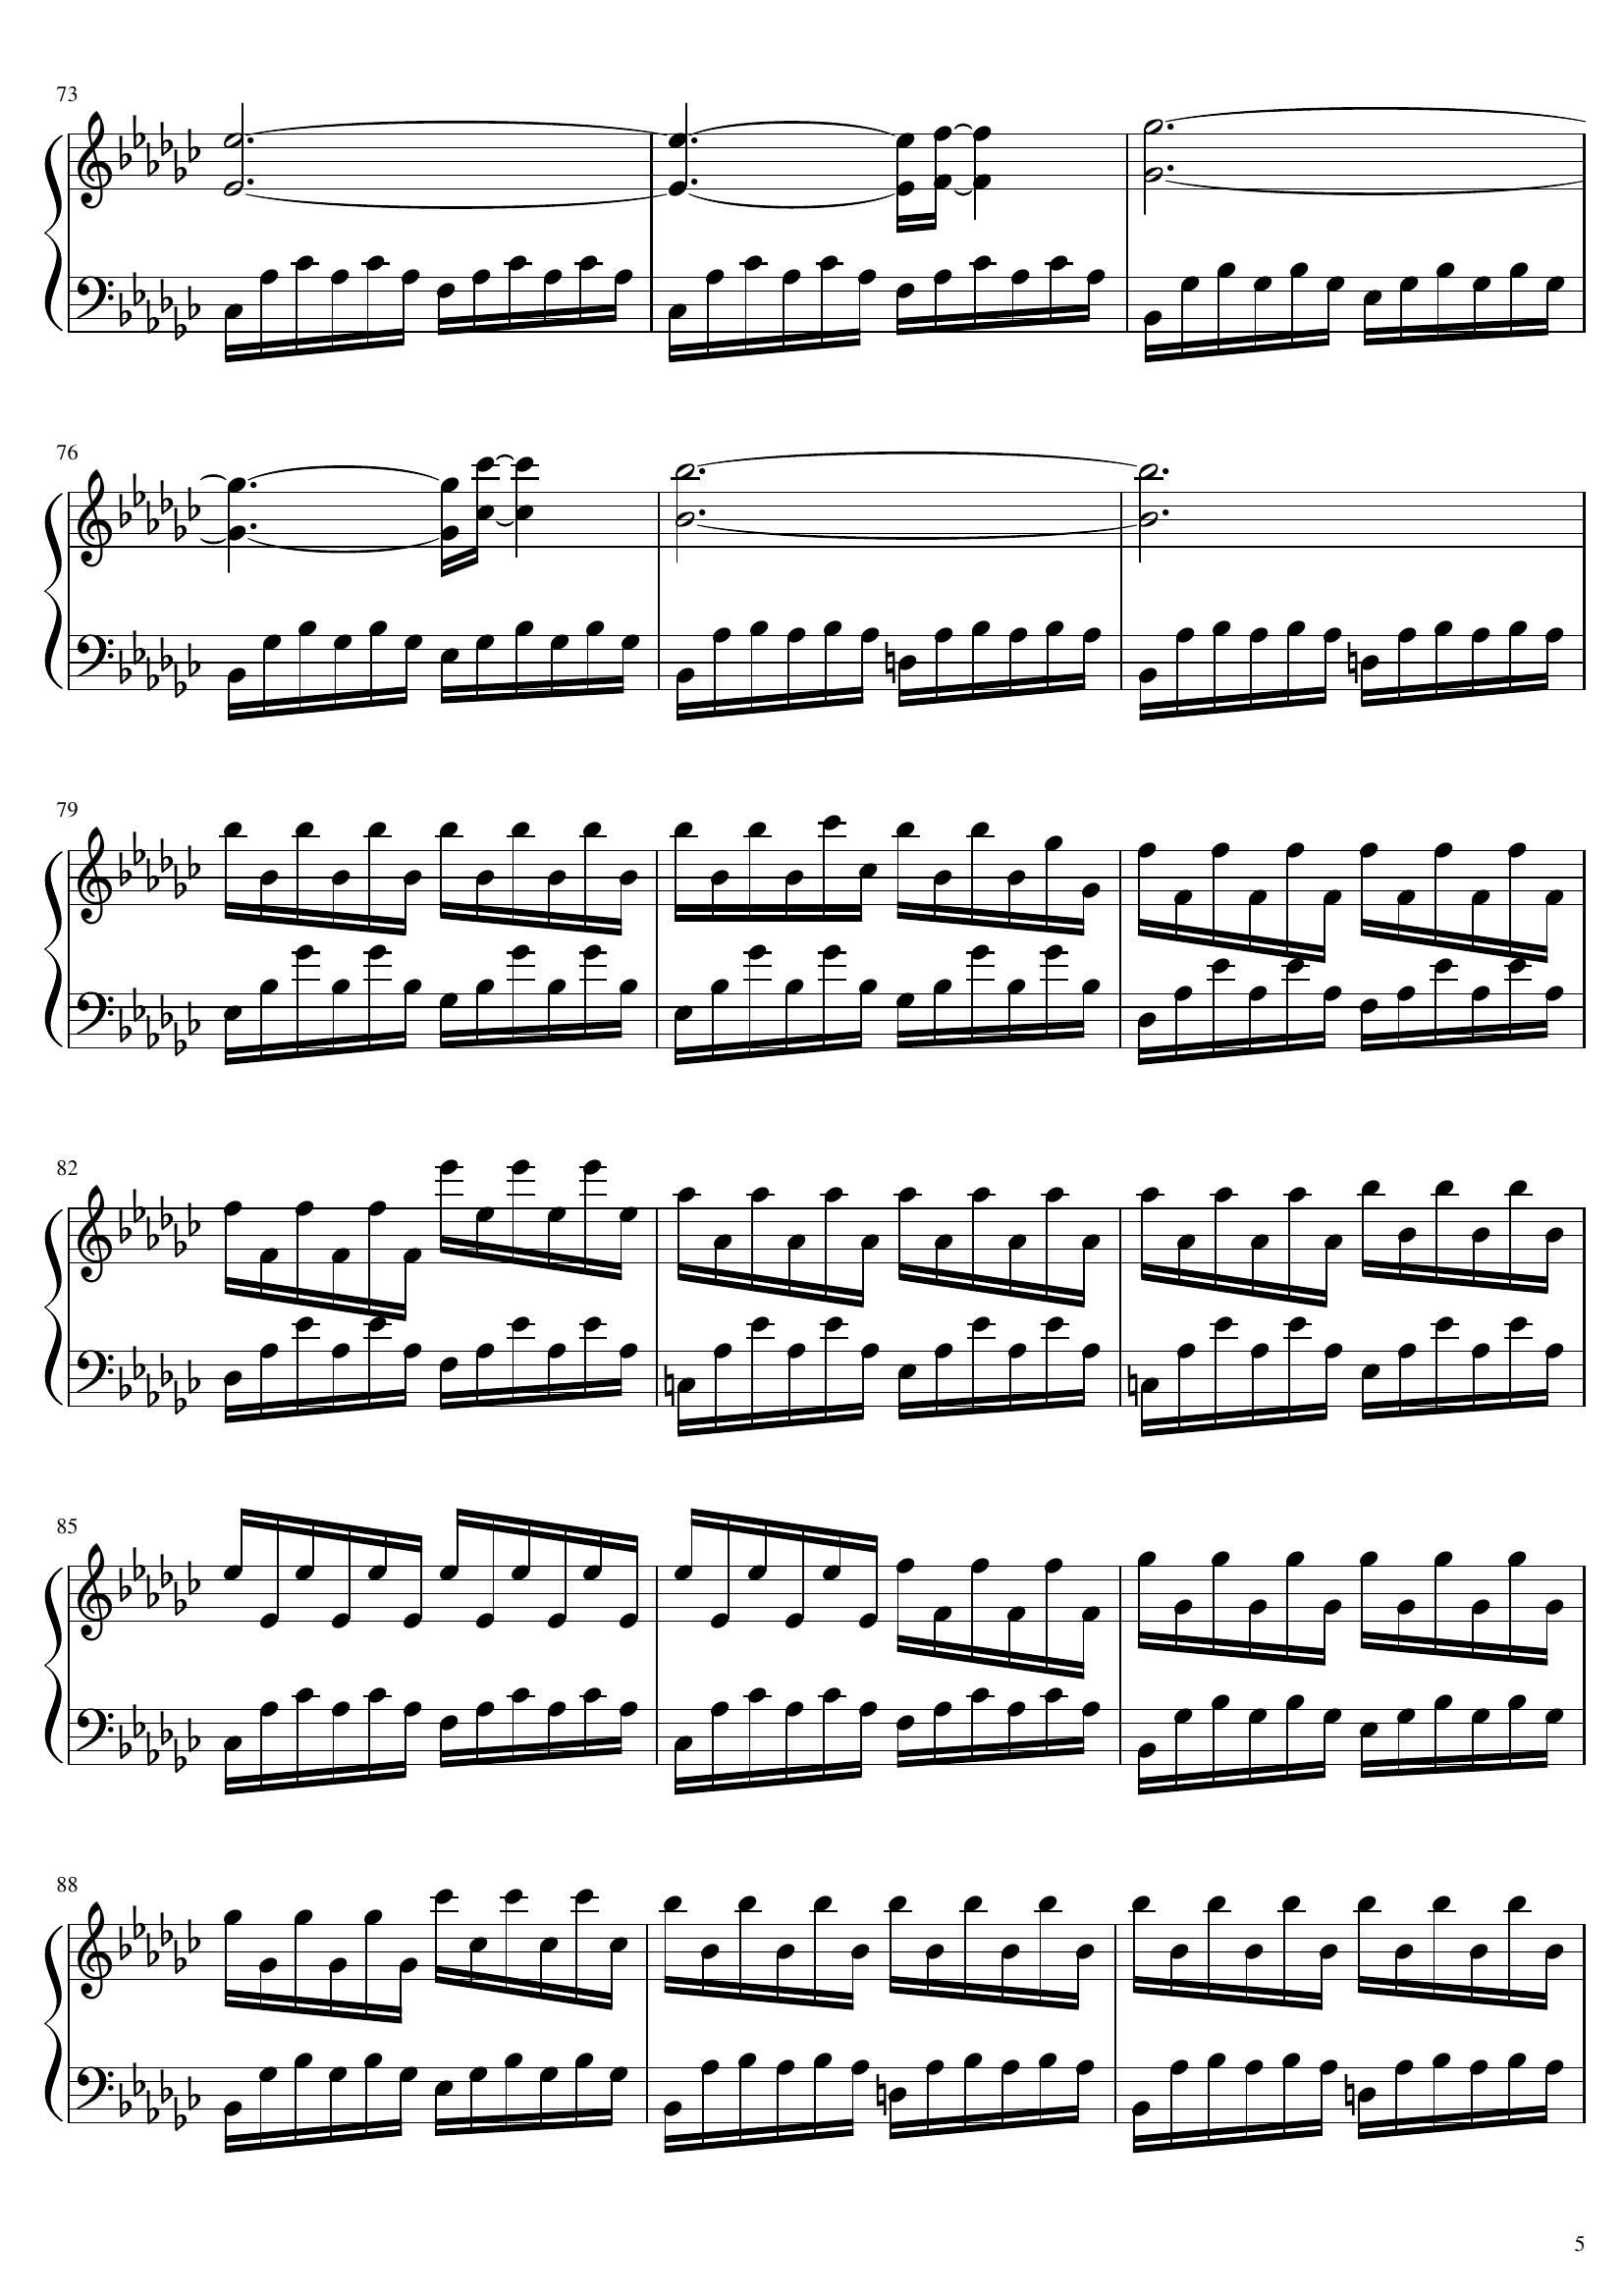 Yann tiersen Porz goret5 - نت آهنگ Porz goret از Yann tiersen